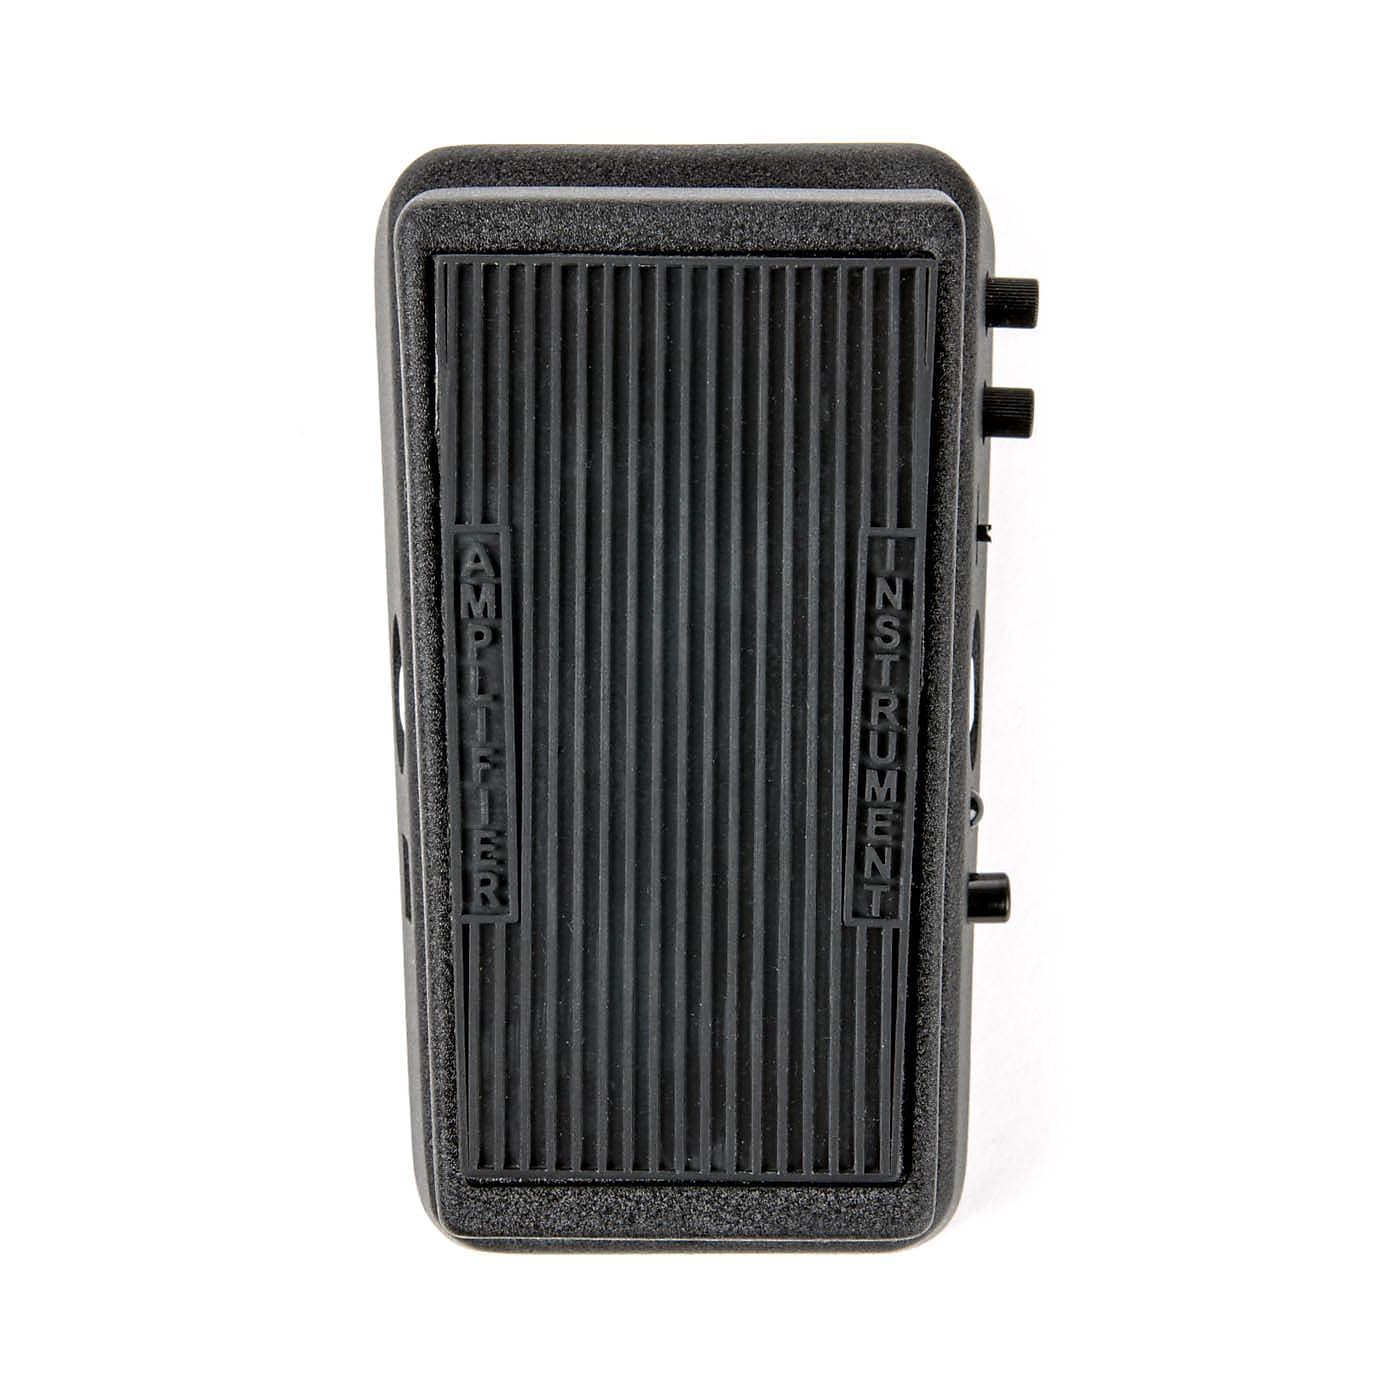 Dunlop CBM535Q Cry Baby Mini 535Q Wah Effects Pedal